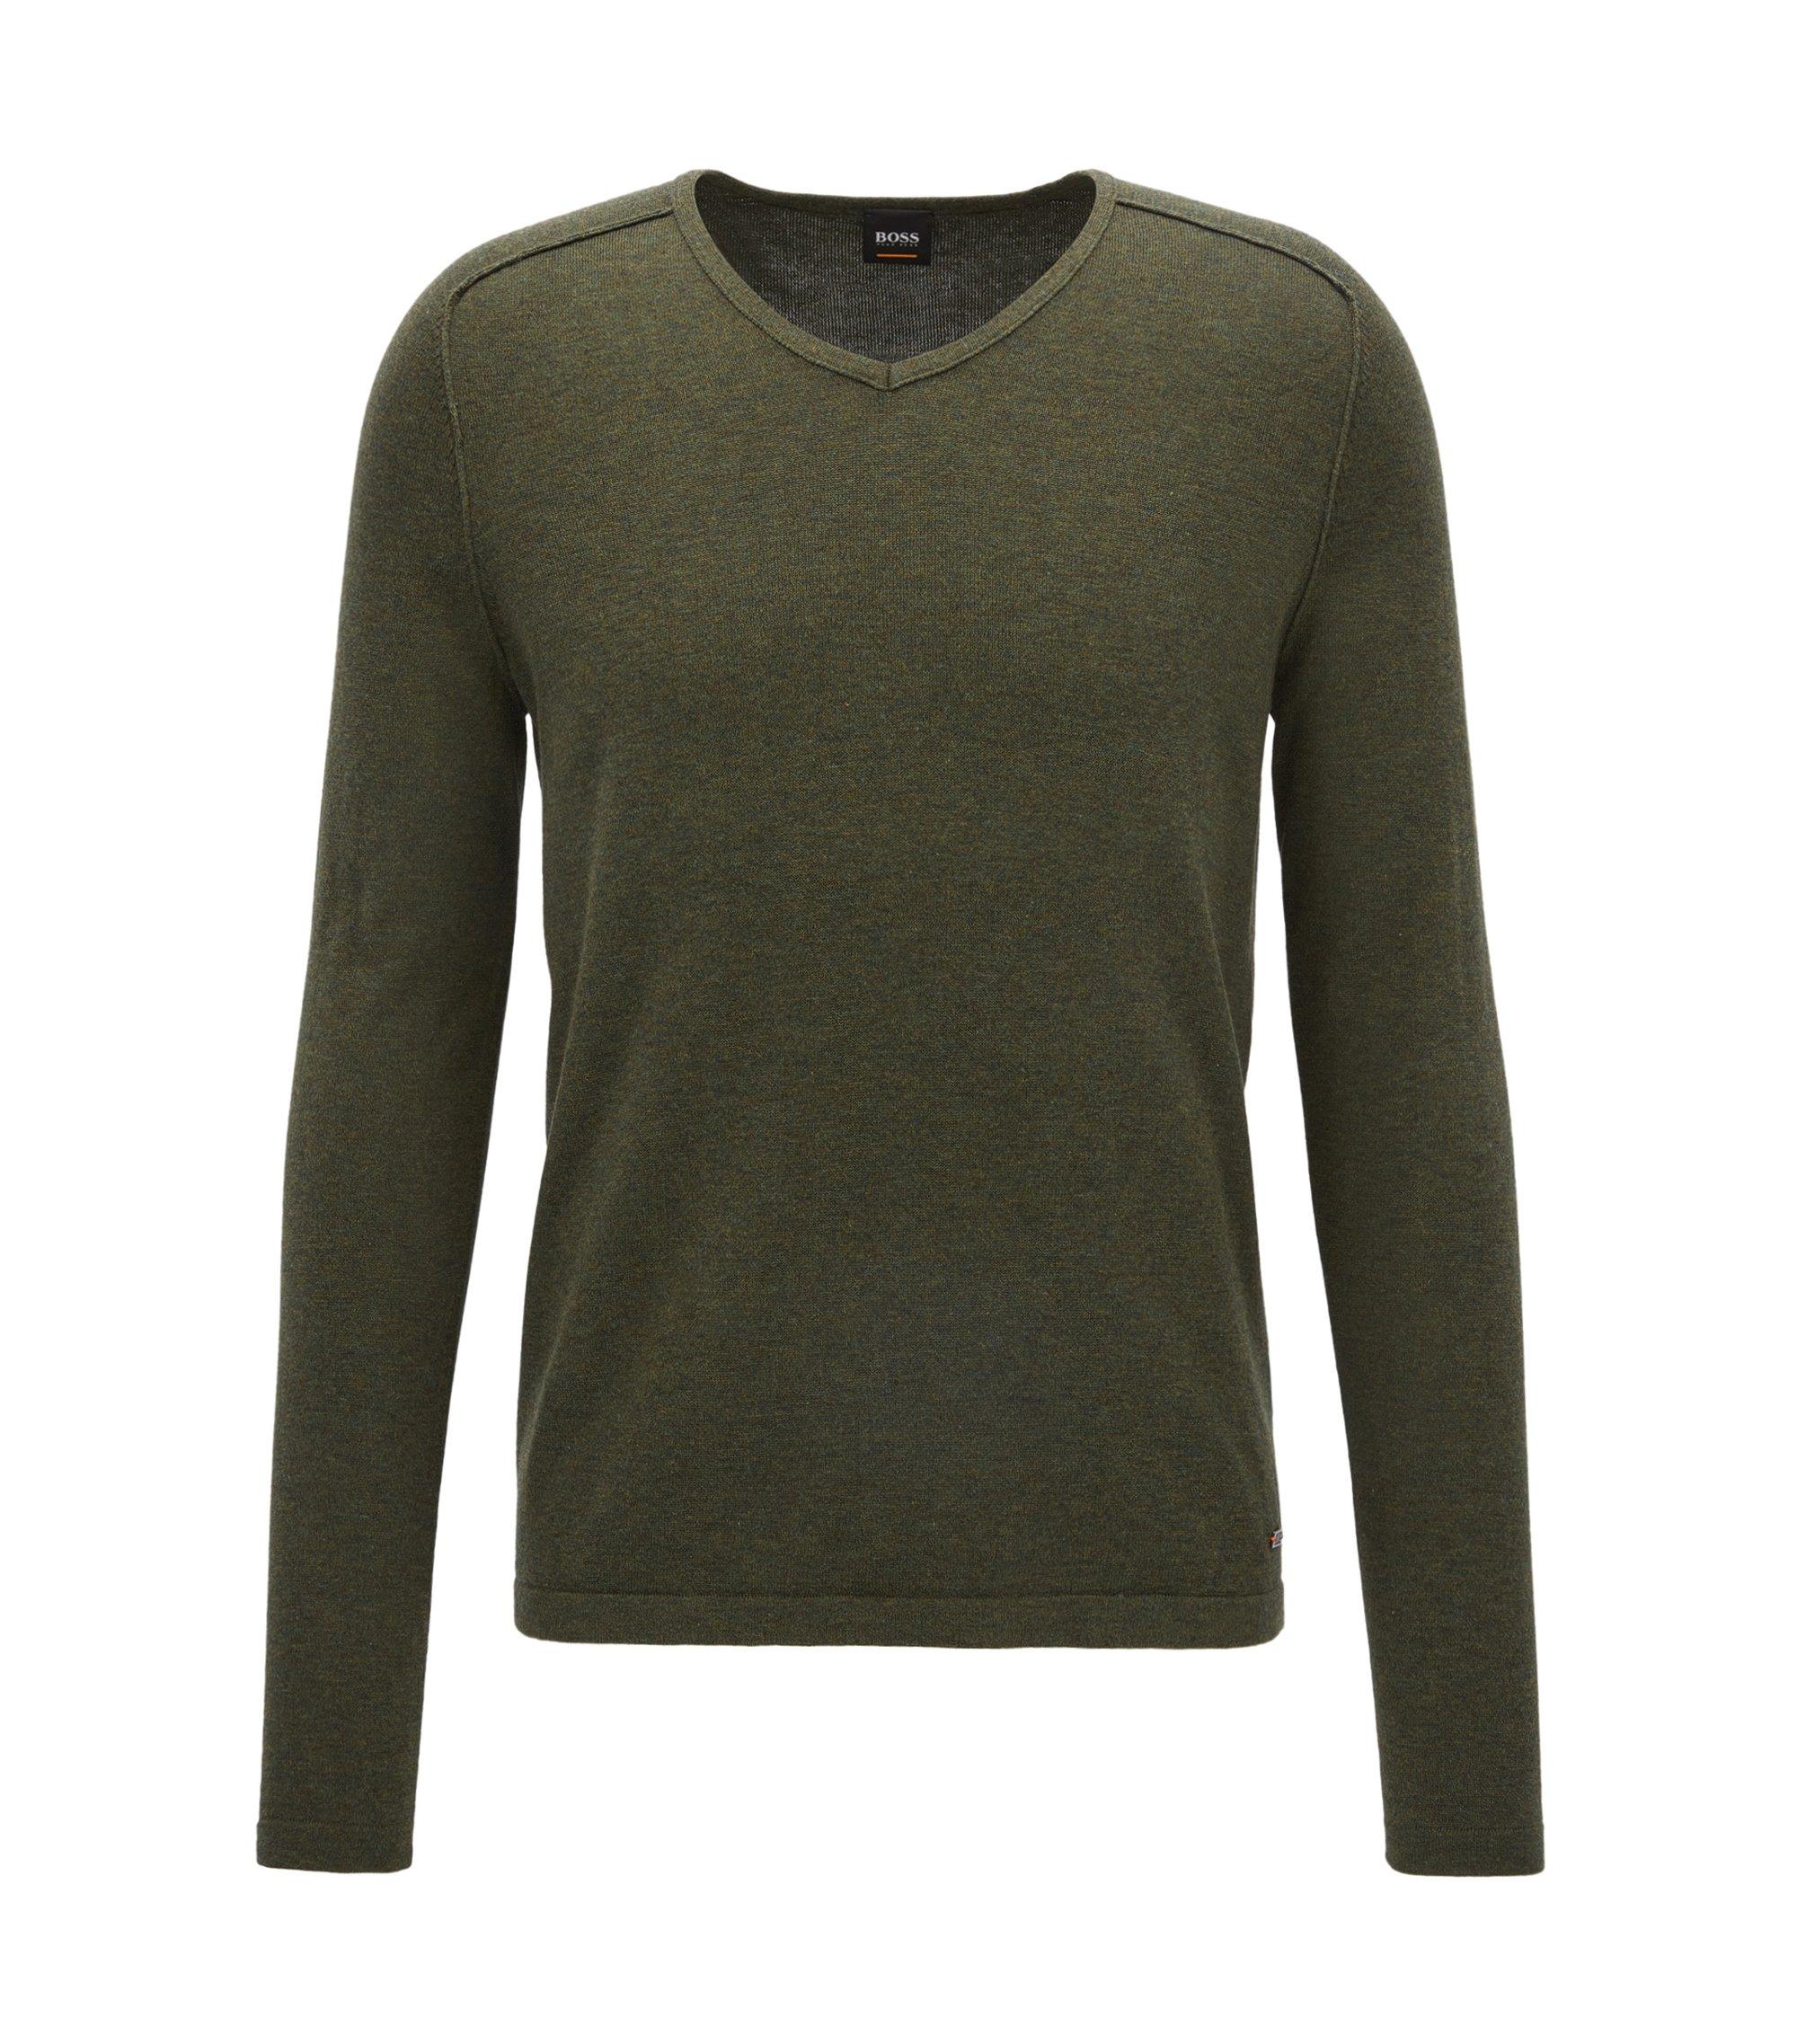 Pullover aus gestrickter Baumwolle mit V-Ausschnitt und Paspel-Details, Dunkelgrün